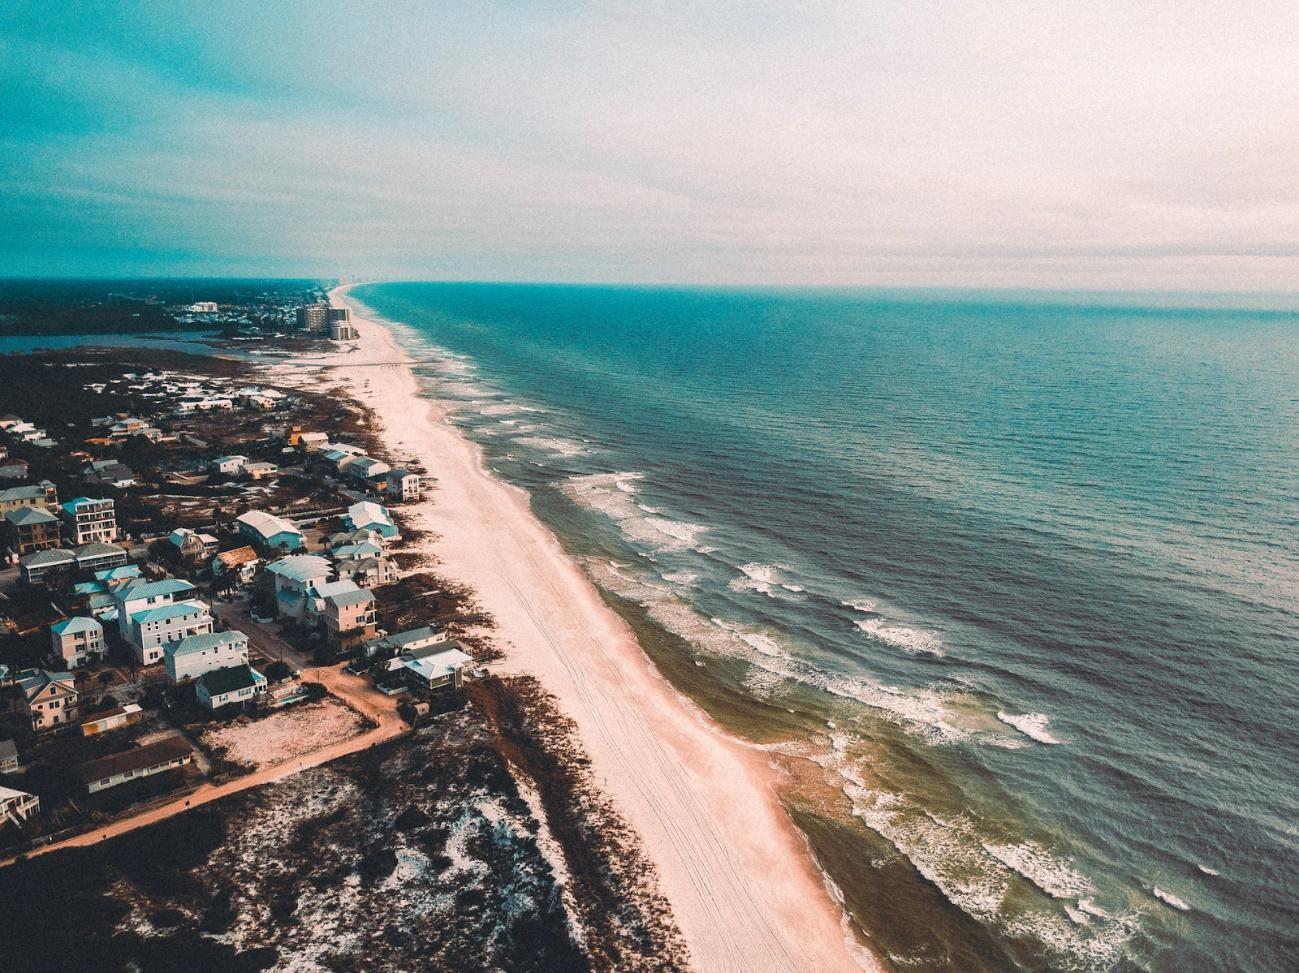 Imóveis no litoral